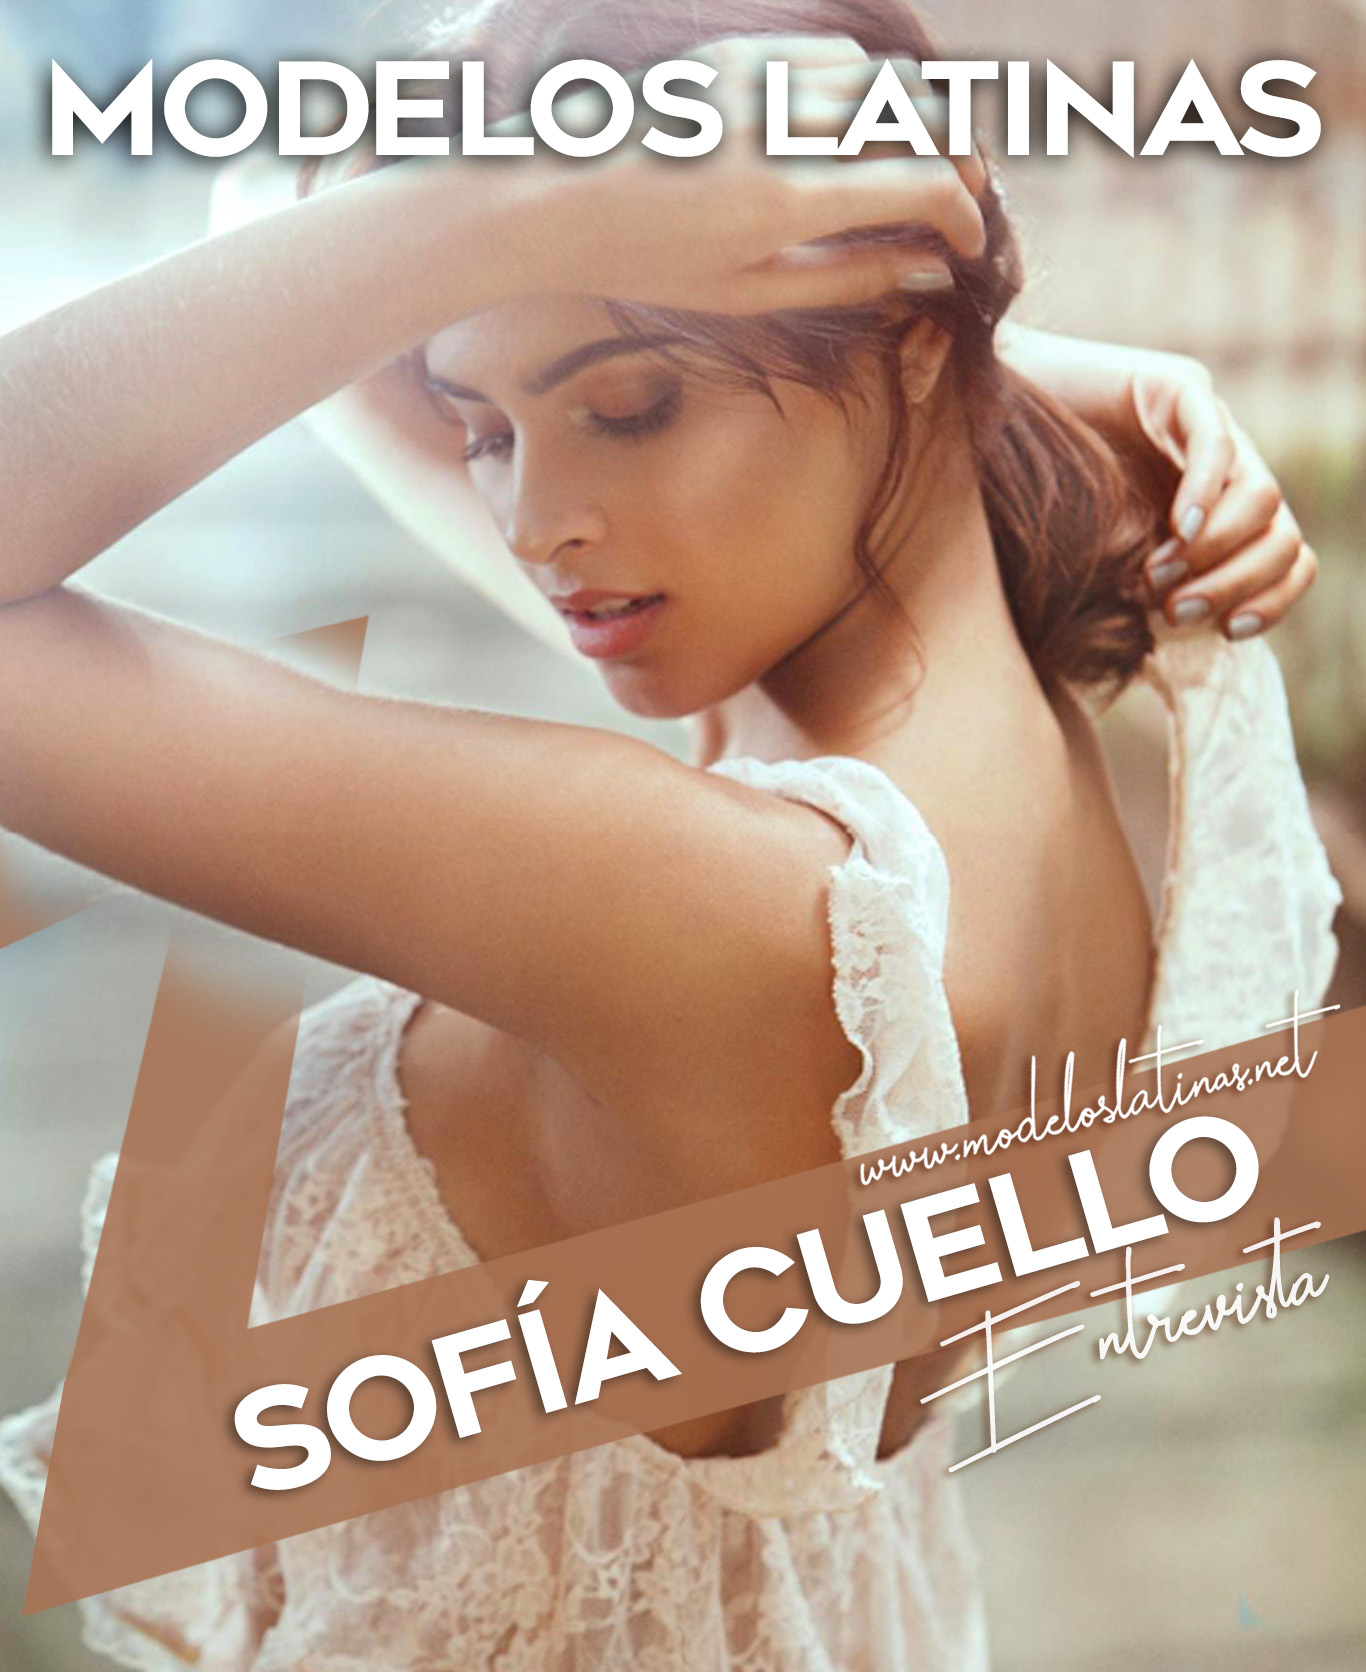 Sofía Cuello: modelo colombiana con dotes para la psicología